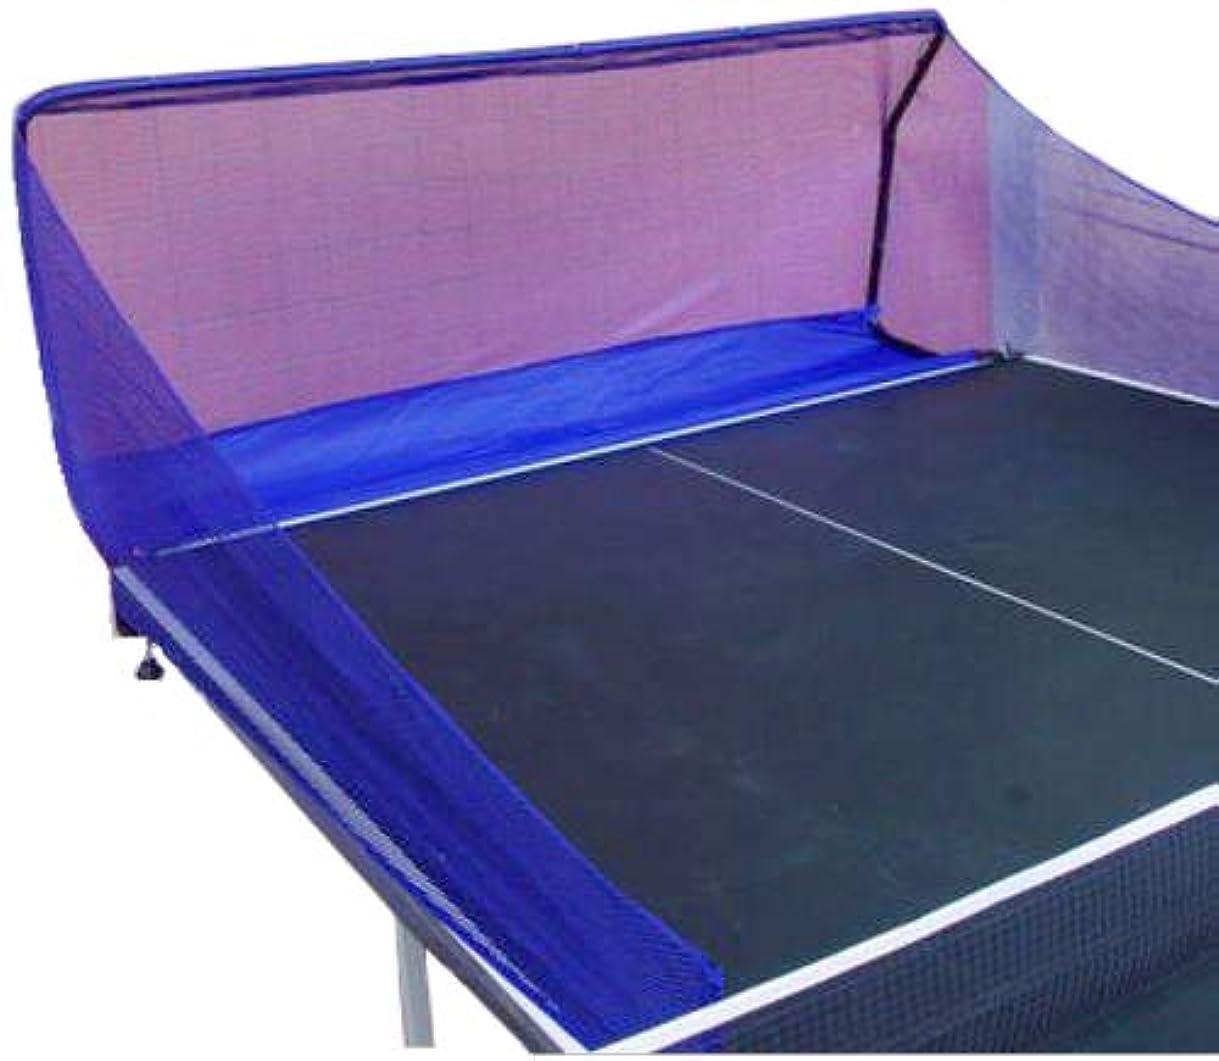 哲学形グリース卓球台ネット 卓球 練習 (Ladyclare) サーブ 卓球 集球ネット 簡単取り付け